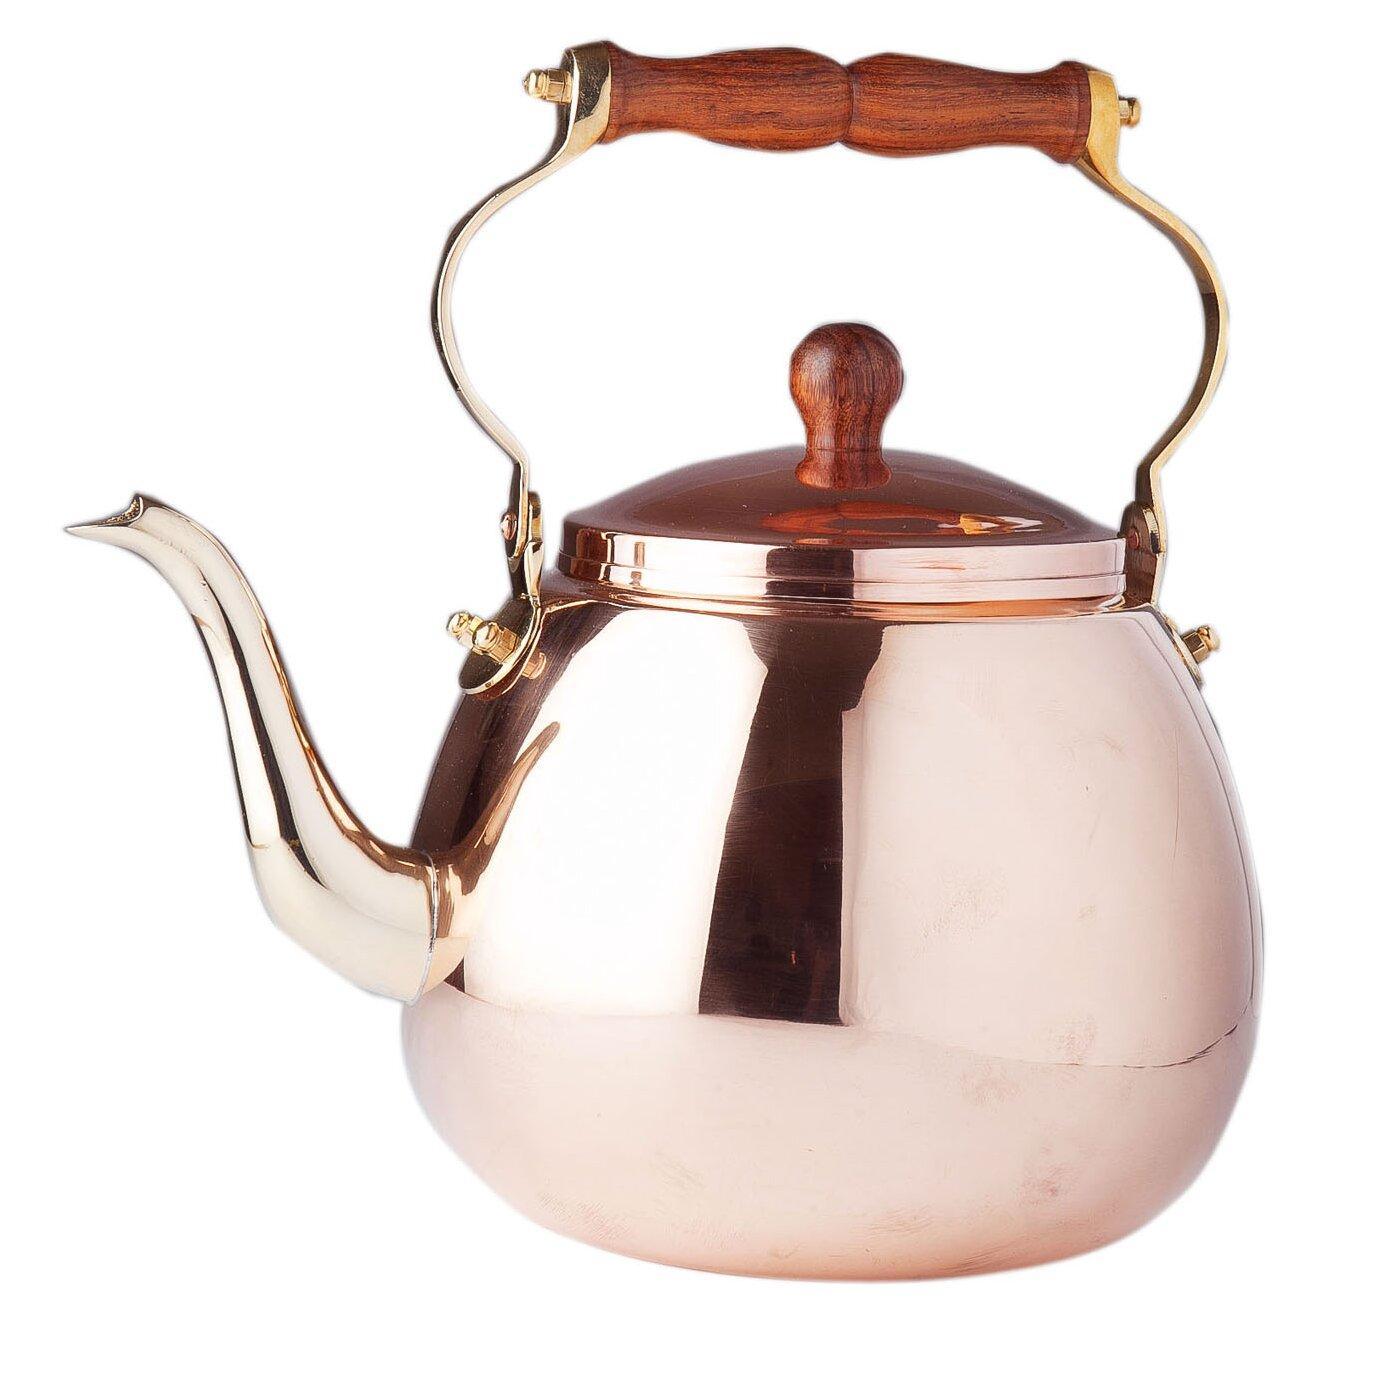 Japanese Copper Kettle Copper 4-qt Solid Tea Kettle